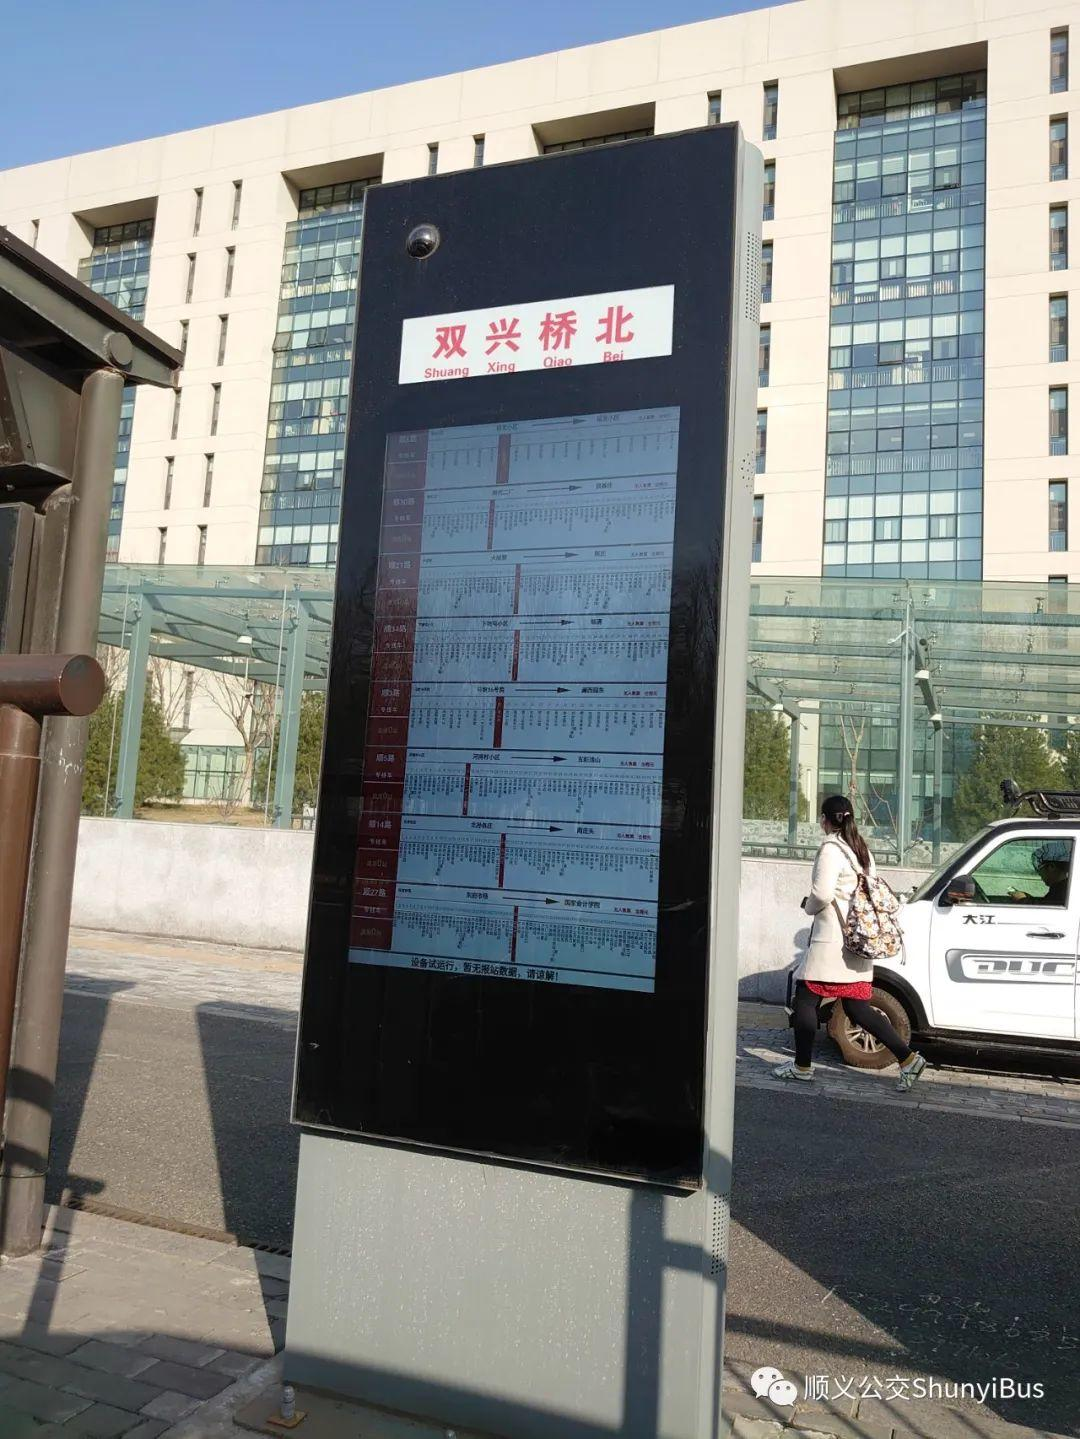 【新设施】电子墨水屏电子公交站牌将在部分车站安装